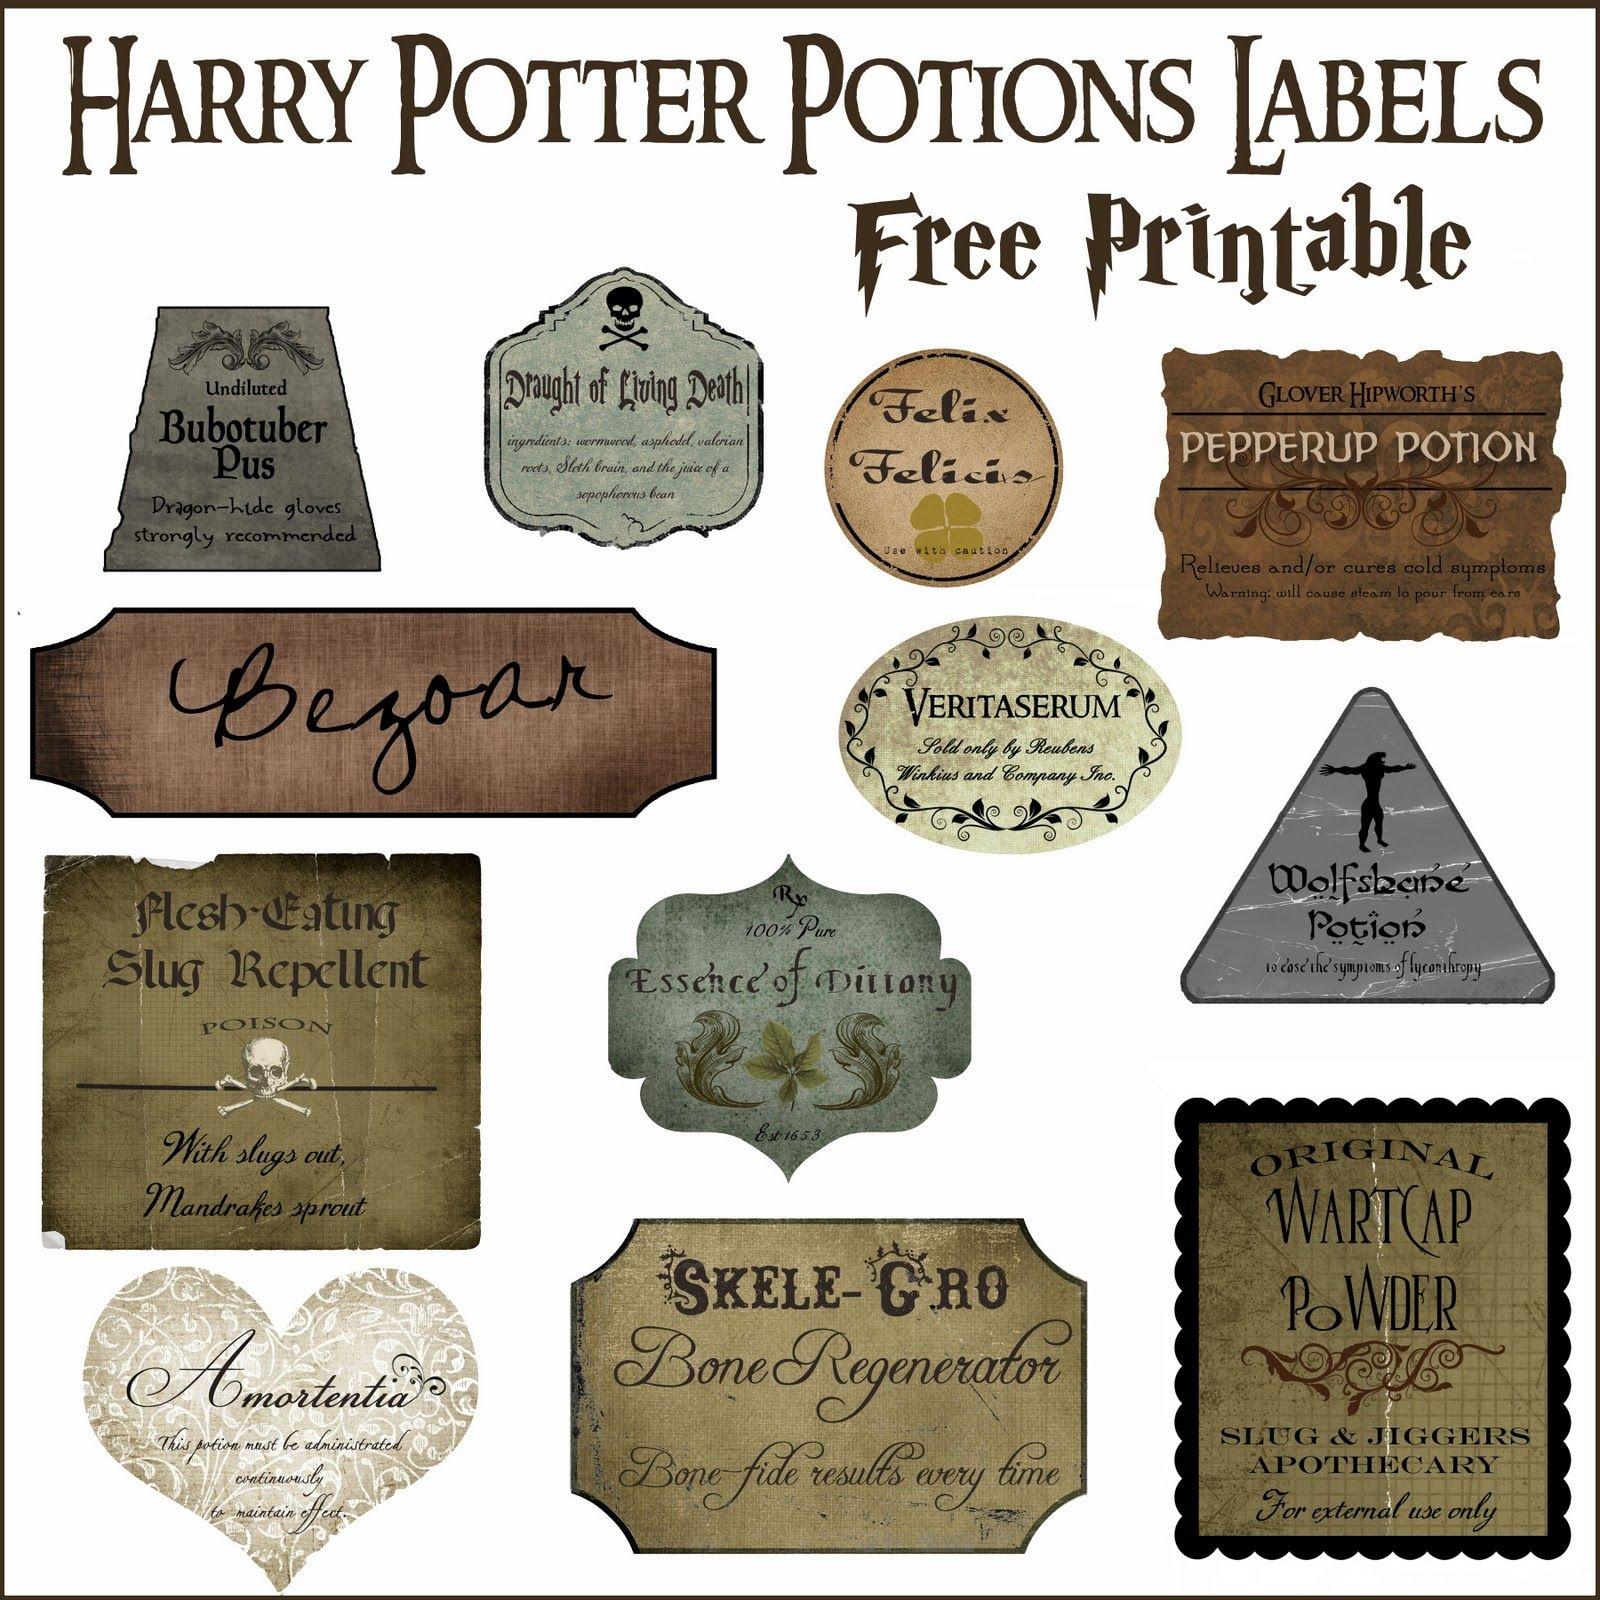 Harry Potter Potion Label Printables   Diy Home Decor Ideas   Harry - Free Printable Potion Labels